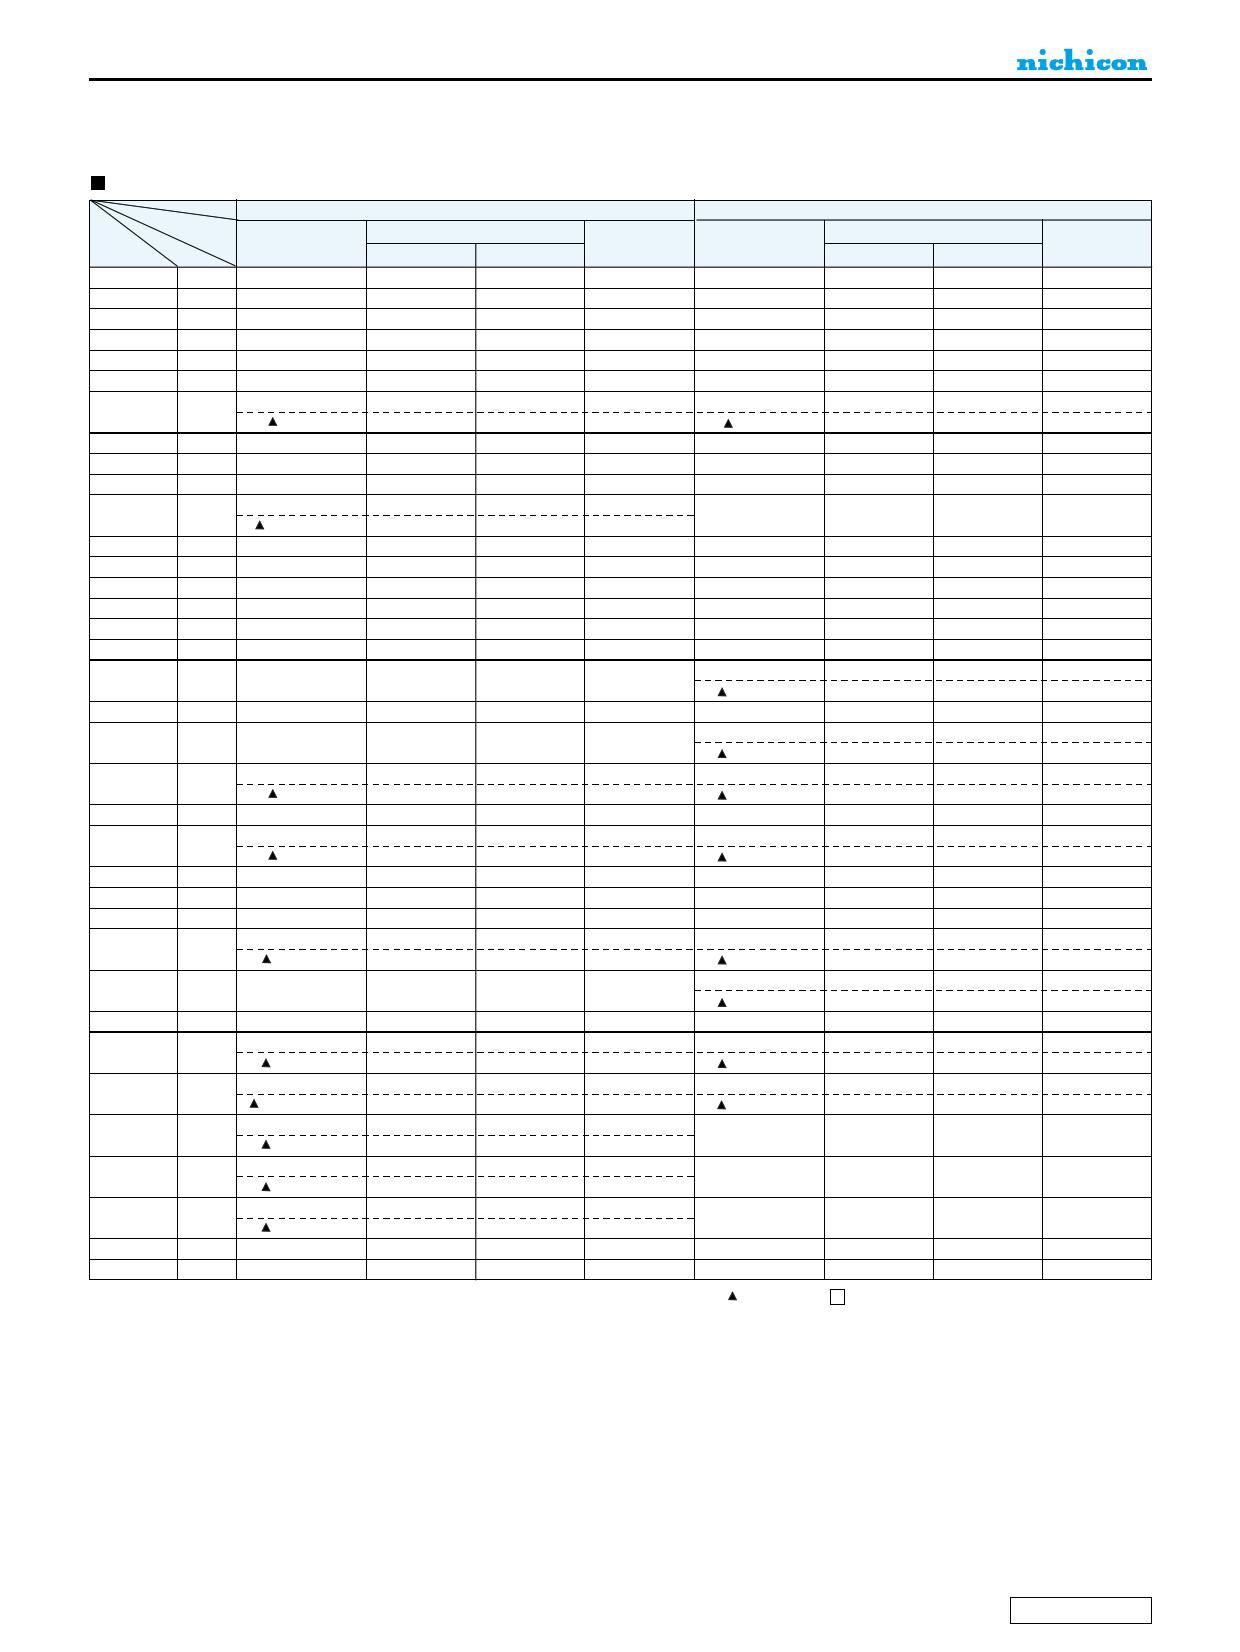 UPW1H100MDD1TD pdf, 반도체, 판매, 대치품